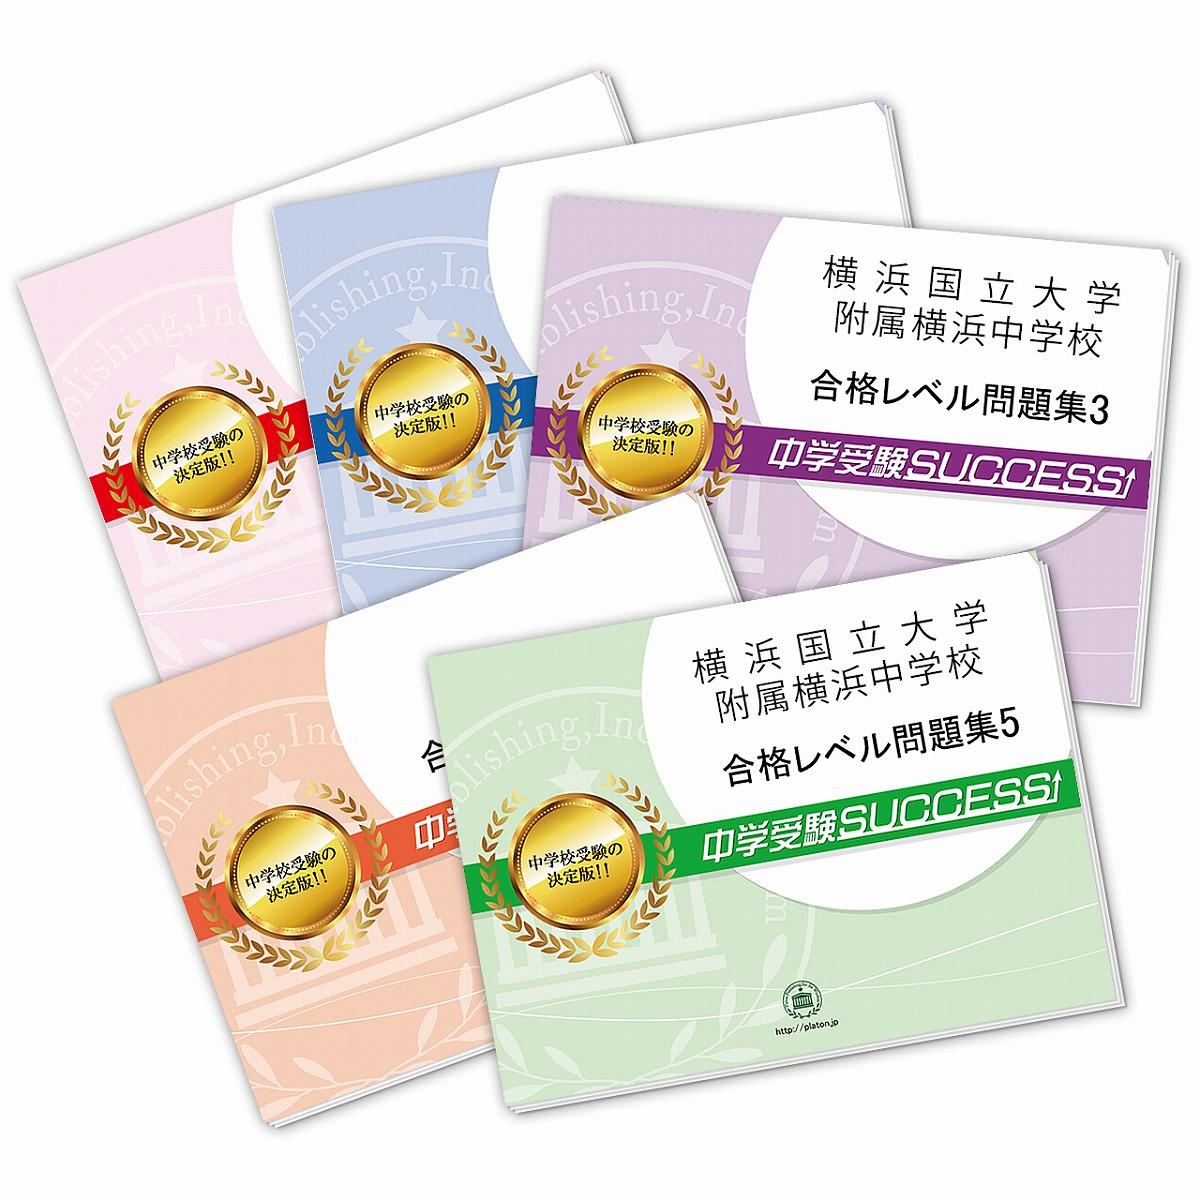 送料 市場 格安 価格でご提供いたします 代引手数料無料 横浜国立大学附属横浜中学校 直前対策合格セット 5冊